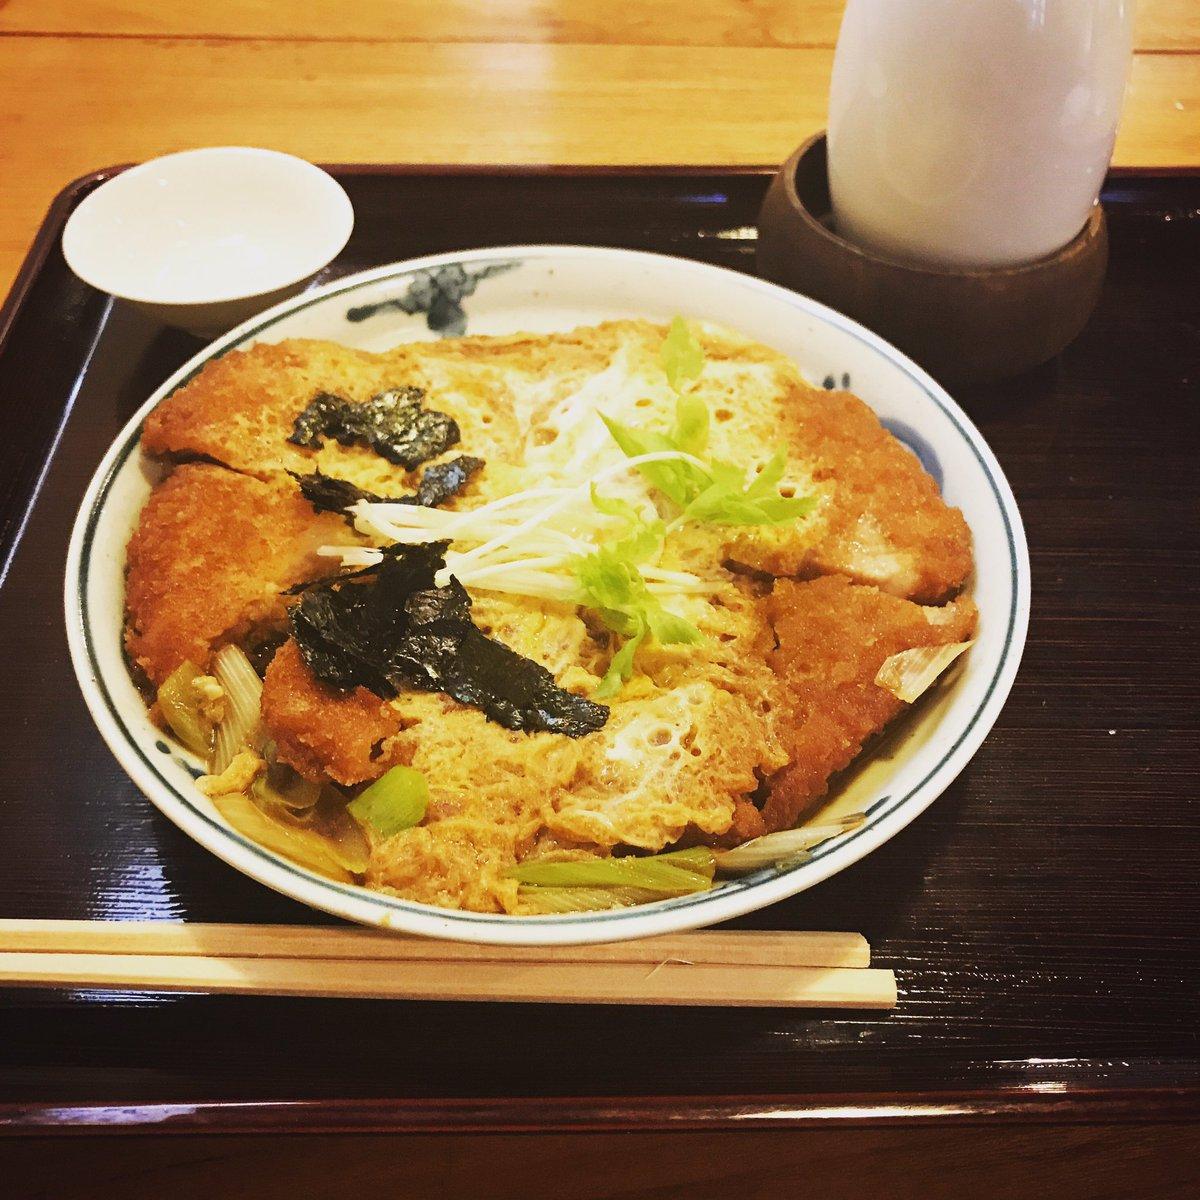 きょうの昼酒は、「吾妻橋やぶそば」さんでカツ煮をつつきながら「神亀」のお燗を。久しぶりにお江戸のゴールデンタイムを楽しん